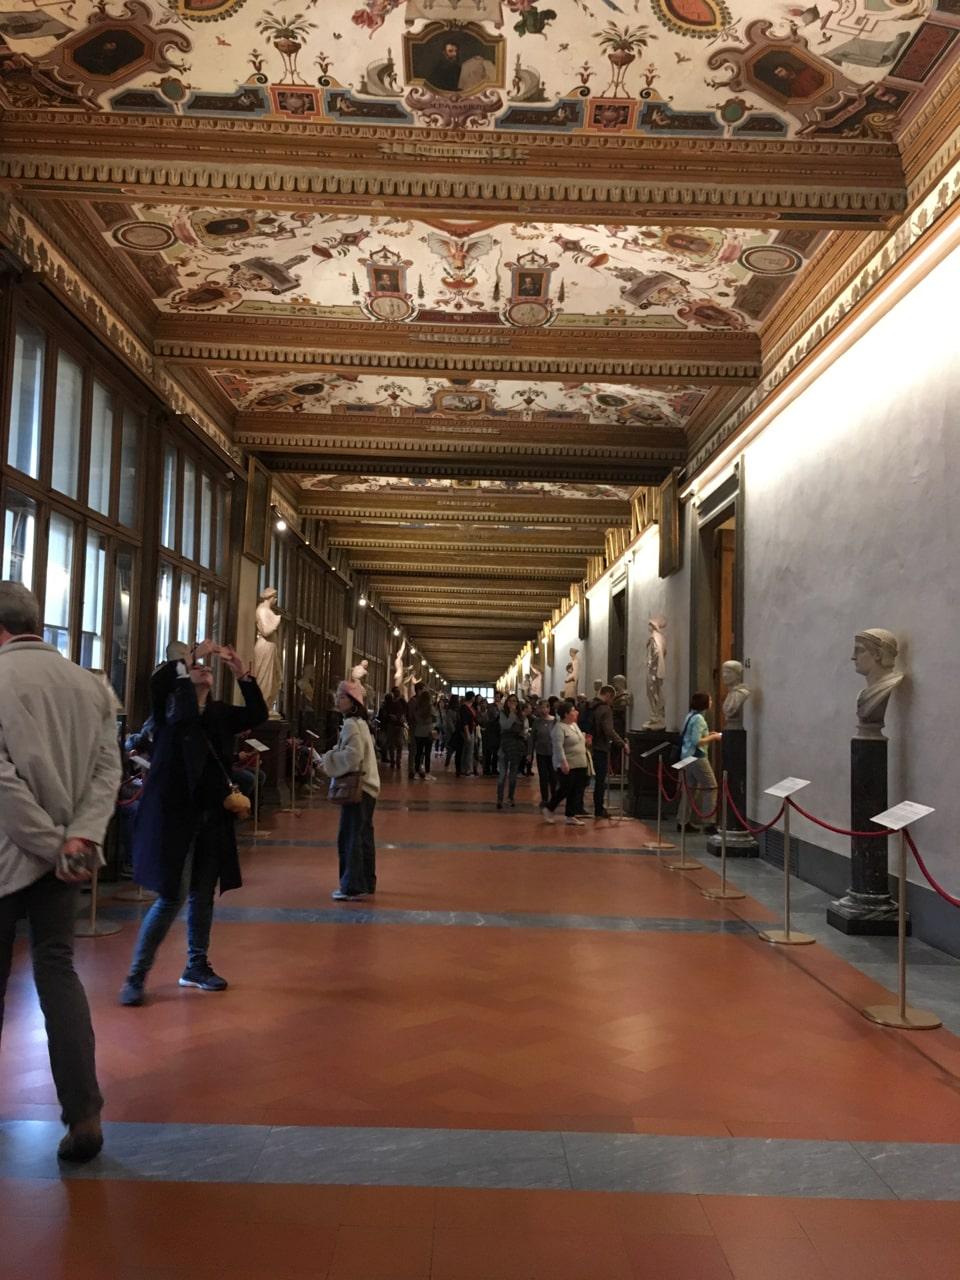 走廊,顶上是精美的壁画